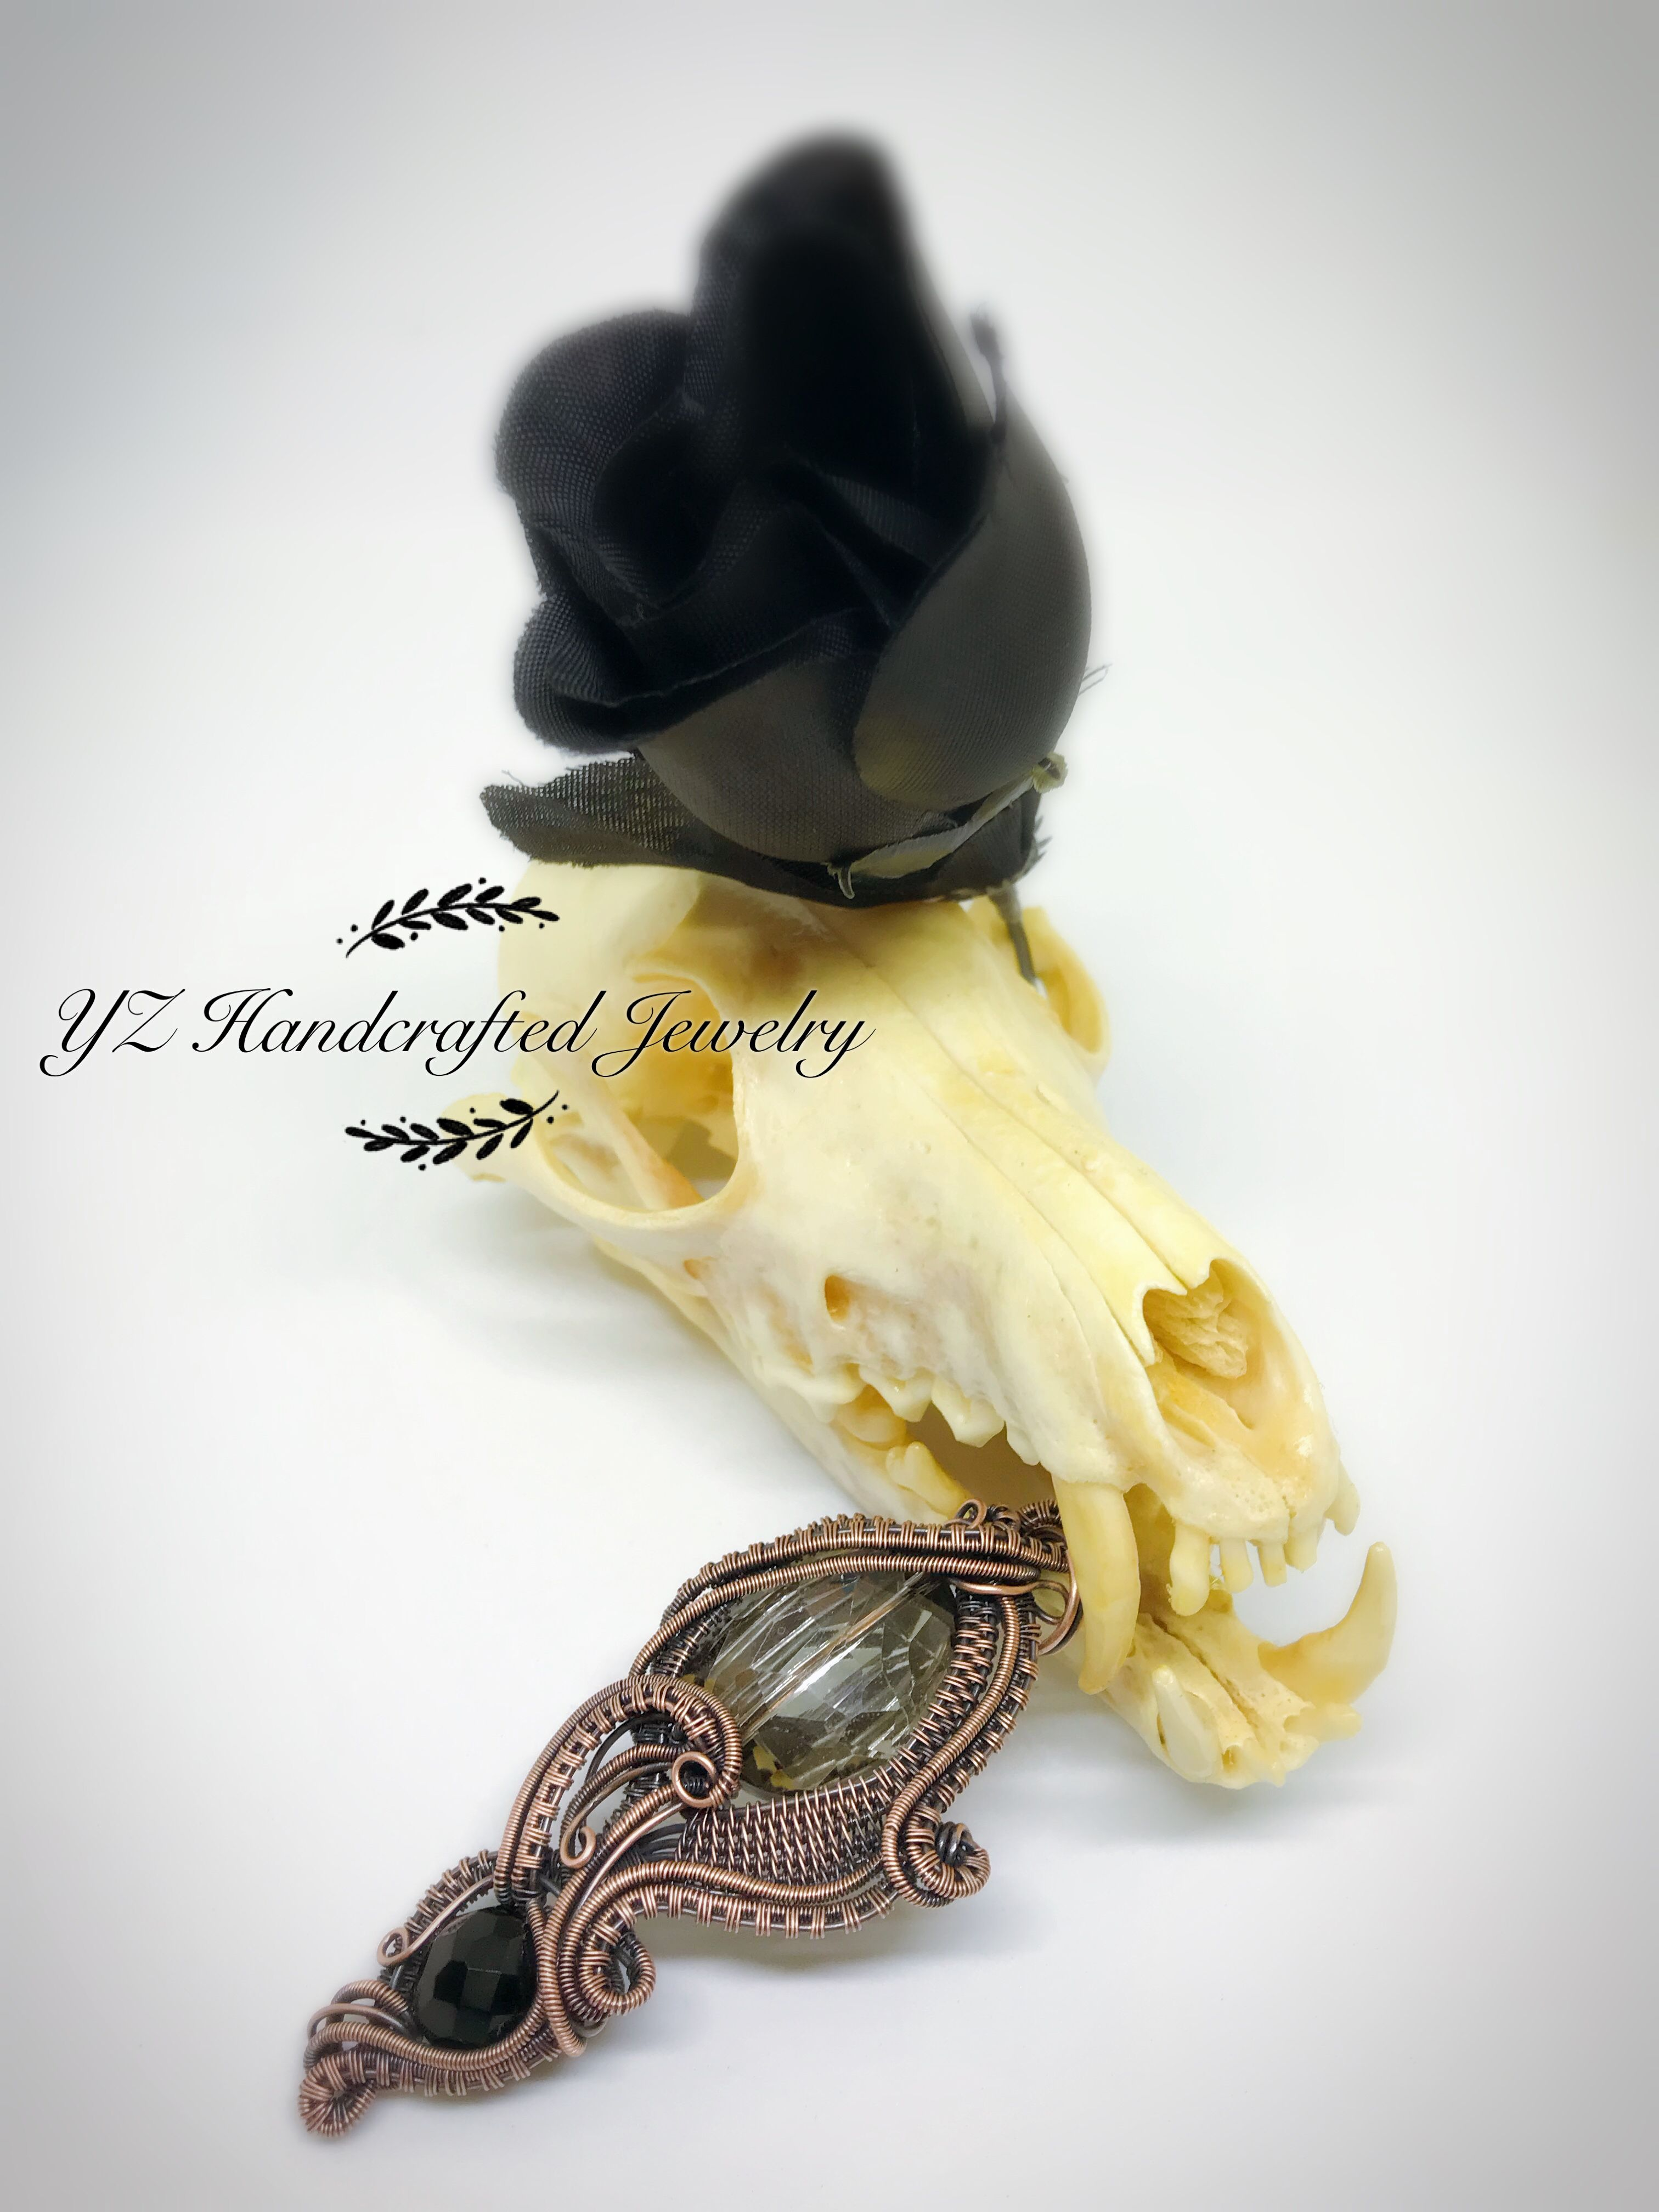 Pin by NIKKI YZ on Nikki Z Jewelry | Pinterest | Wire wrapping